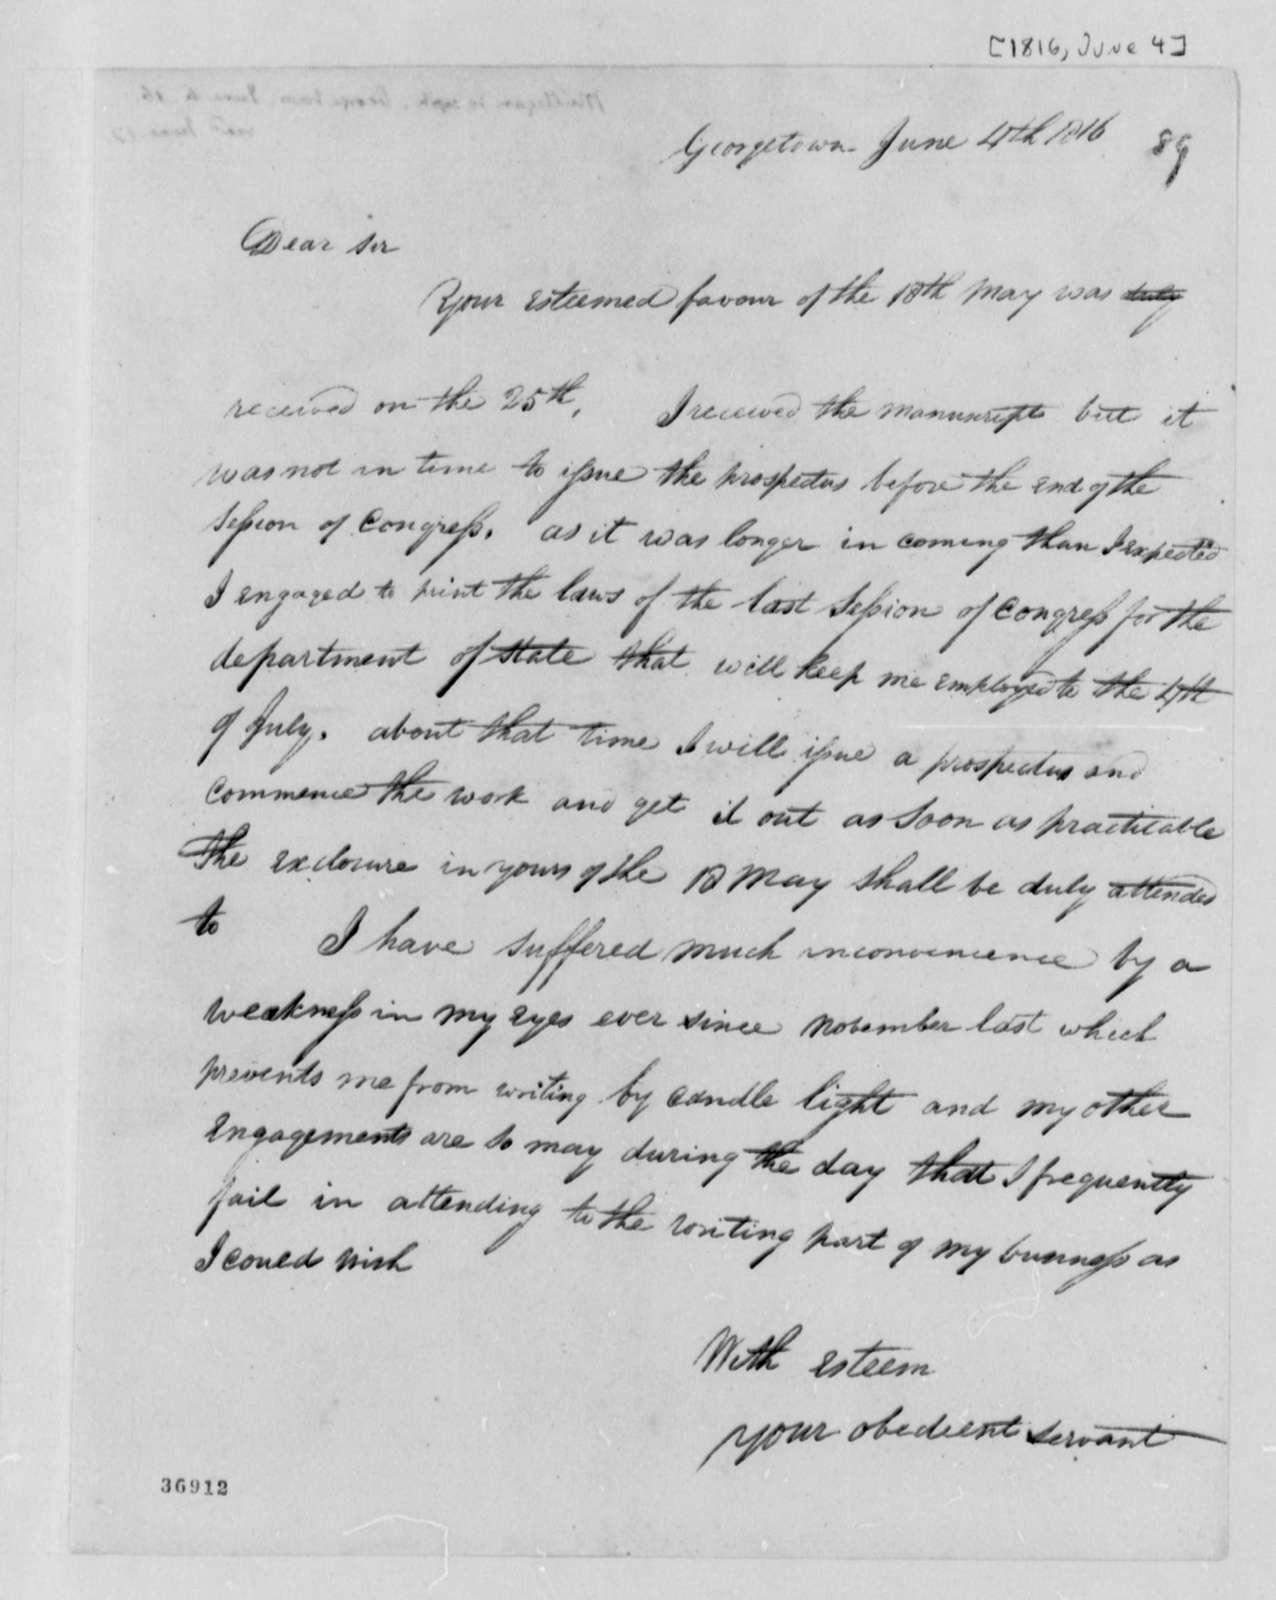 Joseph Milligan to Thomas Jefferson, June 4, 1816